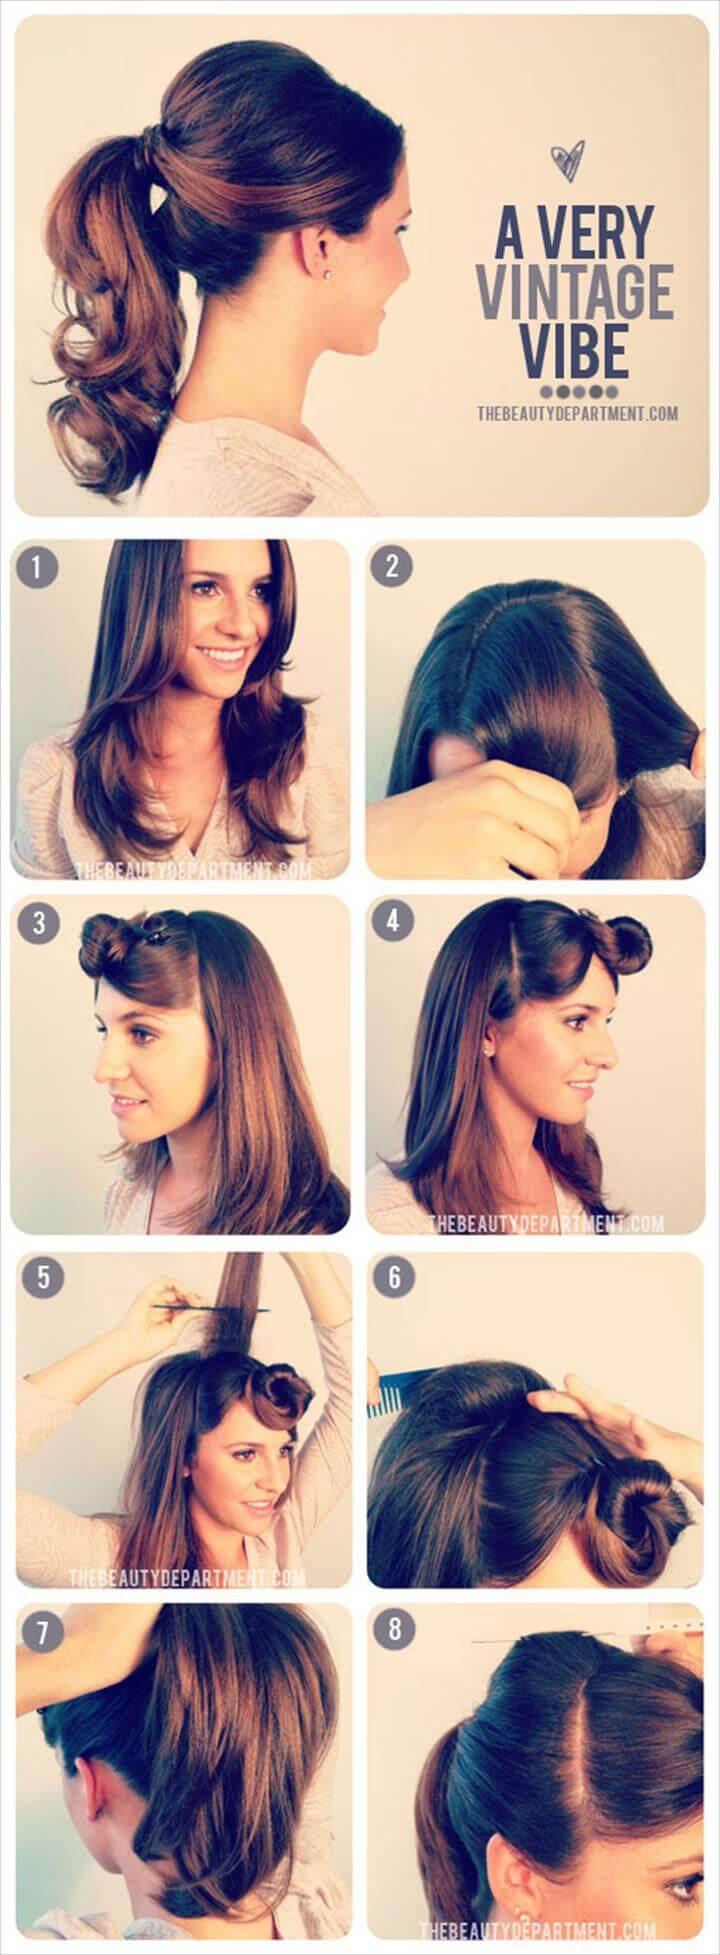 vintage ponytail hairstyle